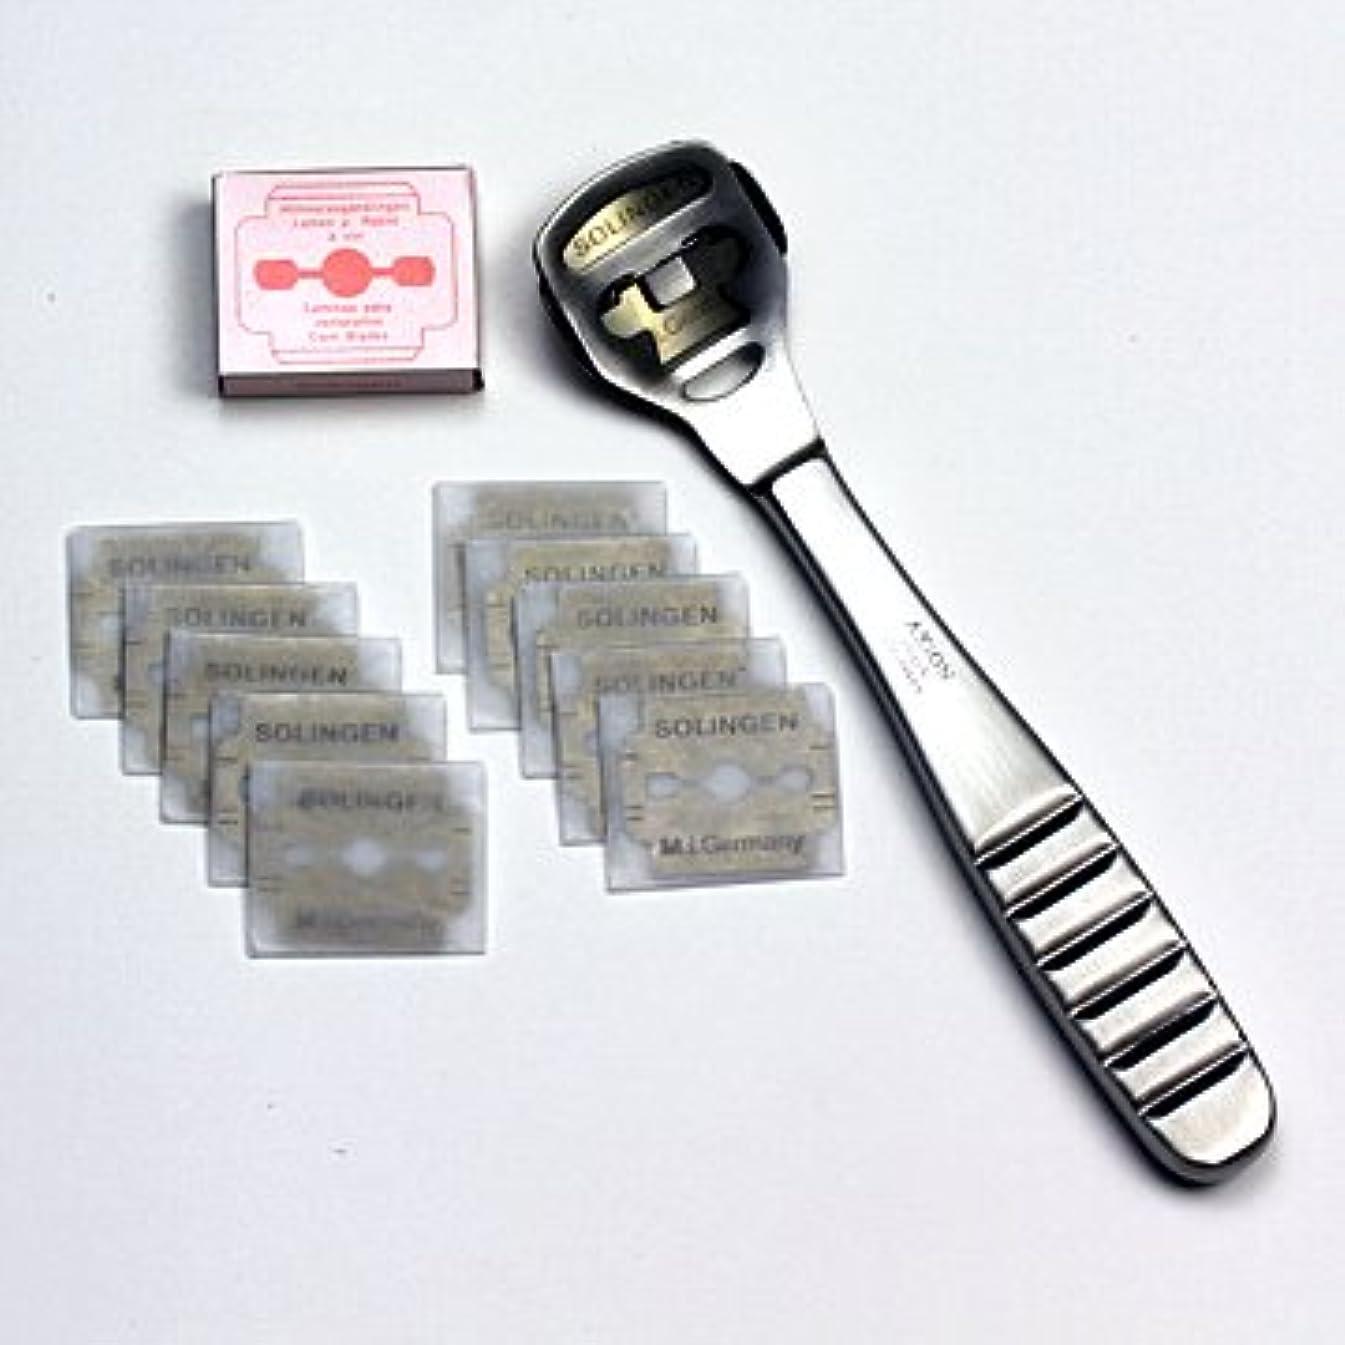 汗愛人複雑なドイツ?ゾーリンゲン AXiON(アクシオン)ステンレス製かかと削り器(ゾーリンゲン製替刃11枚付) #slg008420fba